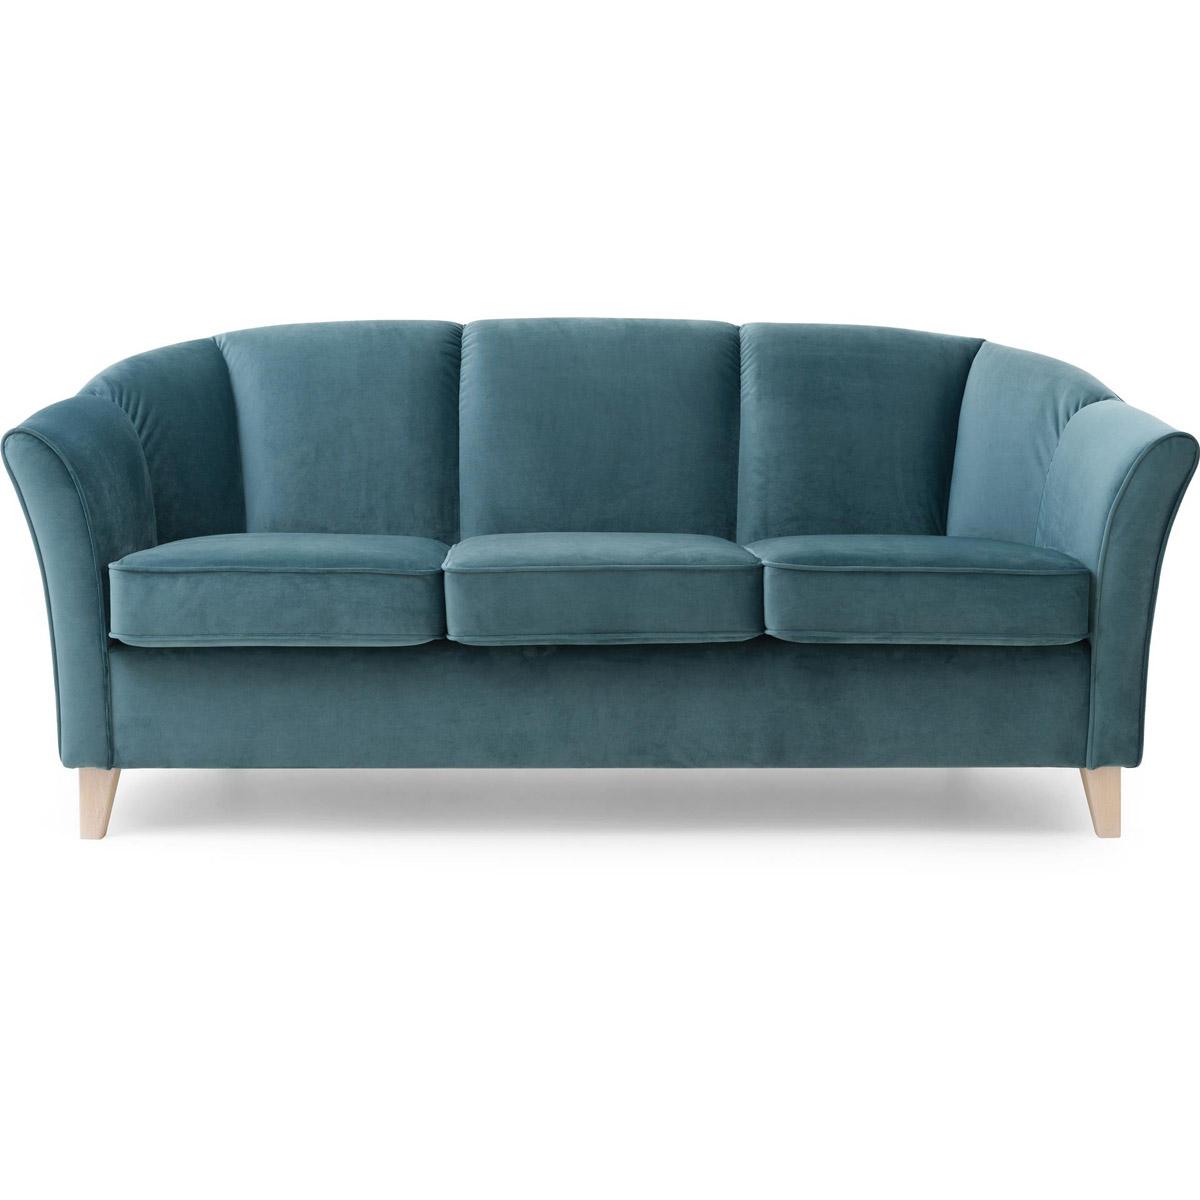 Ekerö soffa 3-sits tyg tiffany